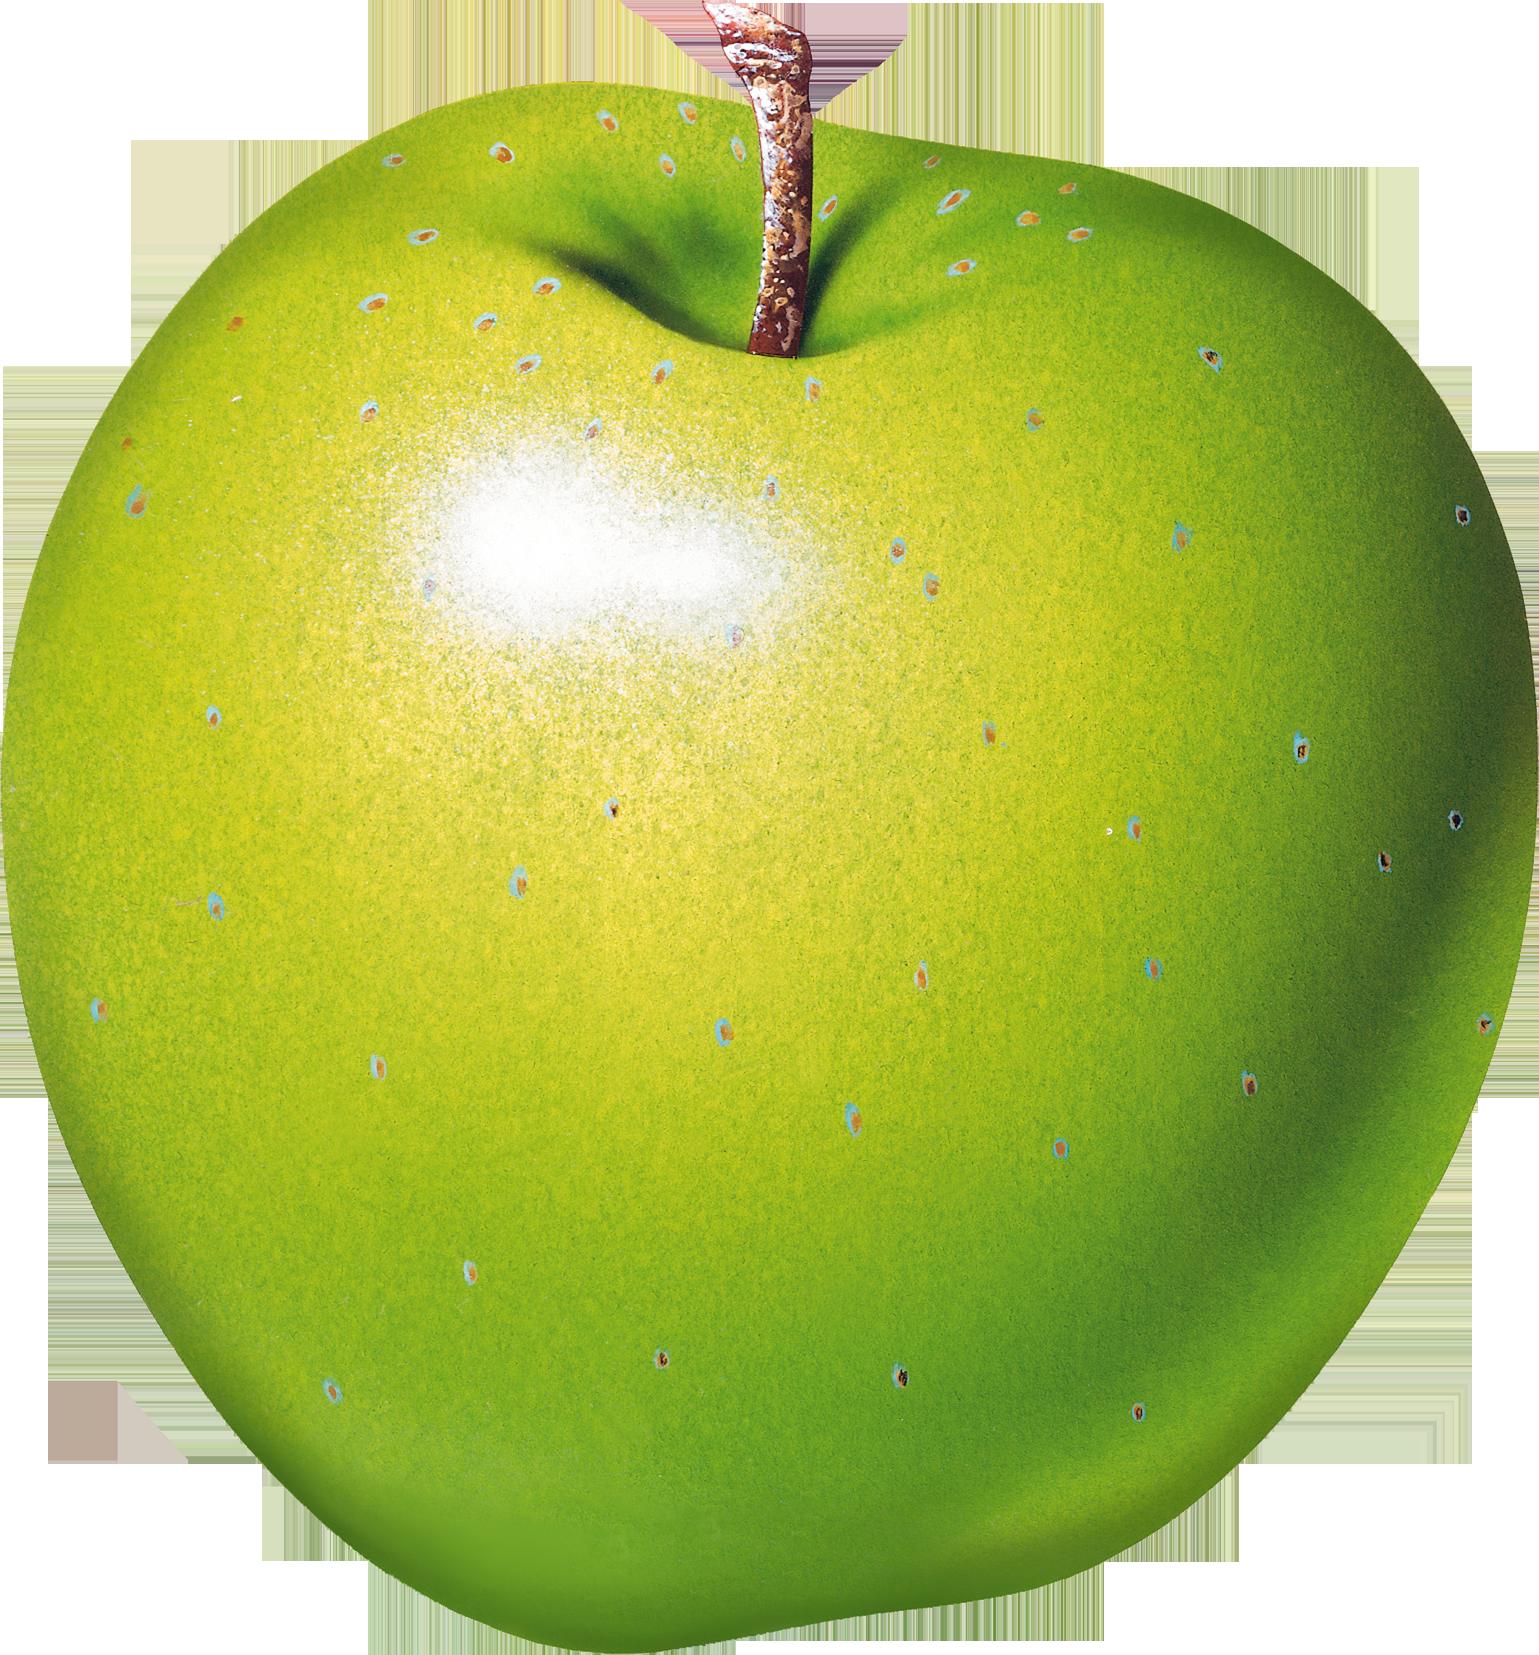 Apple Transparent Image Fruit Clipart Fruit Apple